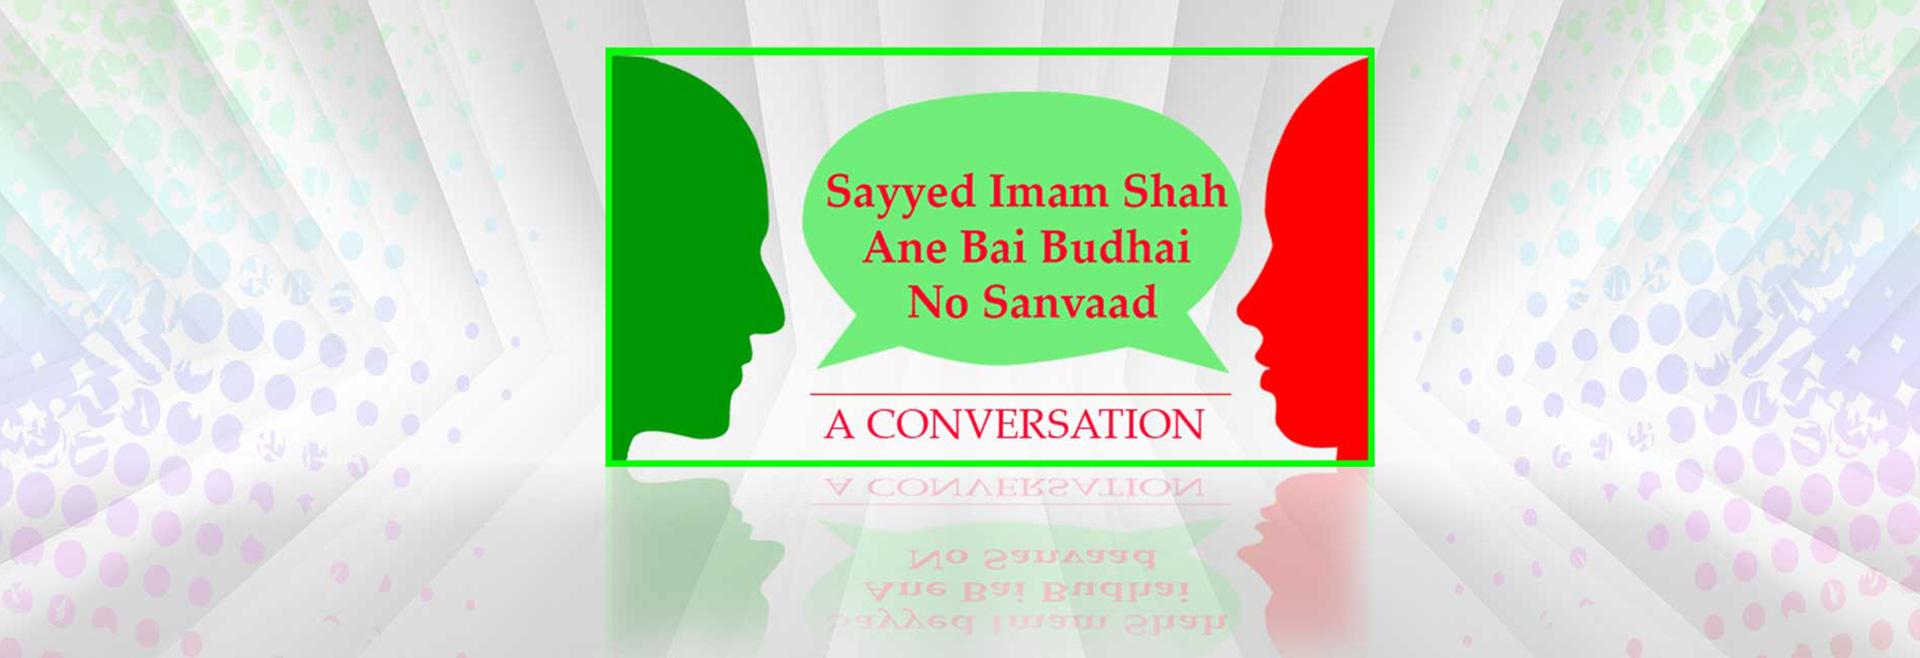 Sayyed Imam Shah Ane Bai Budhai No Sanvaad